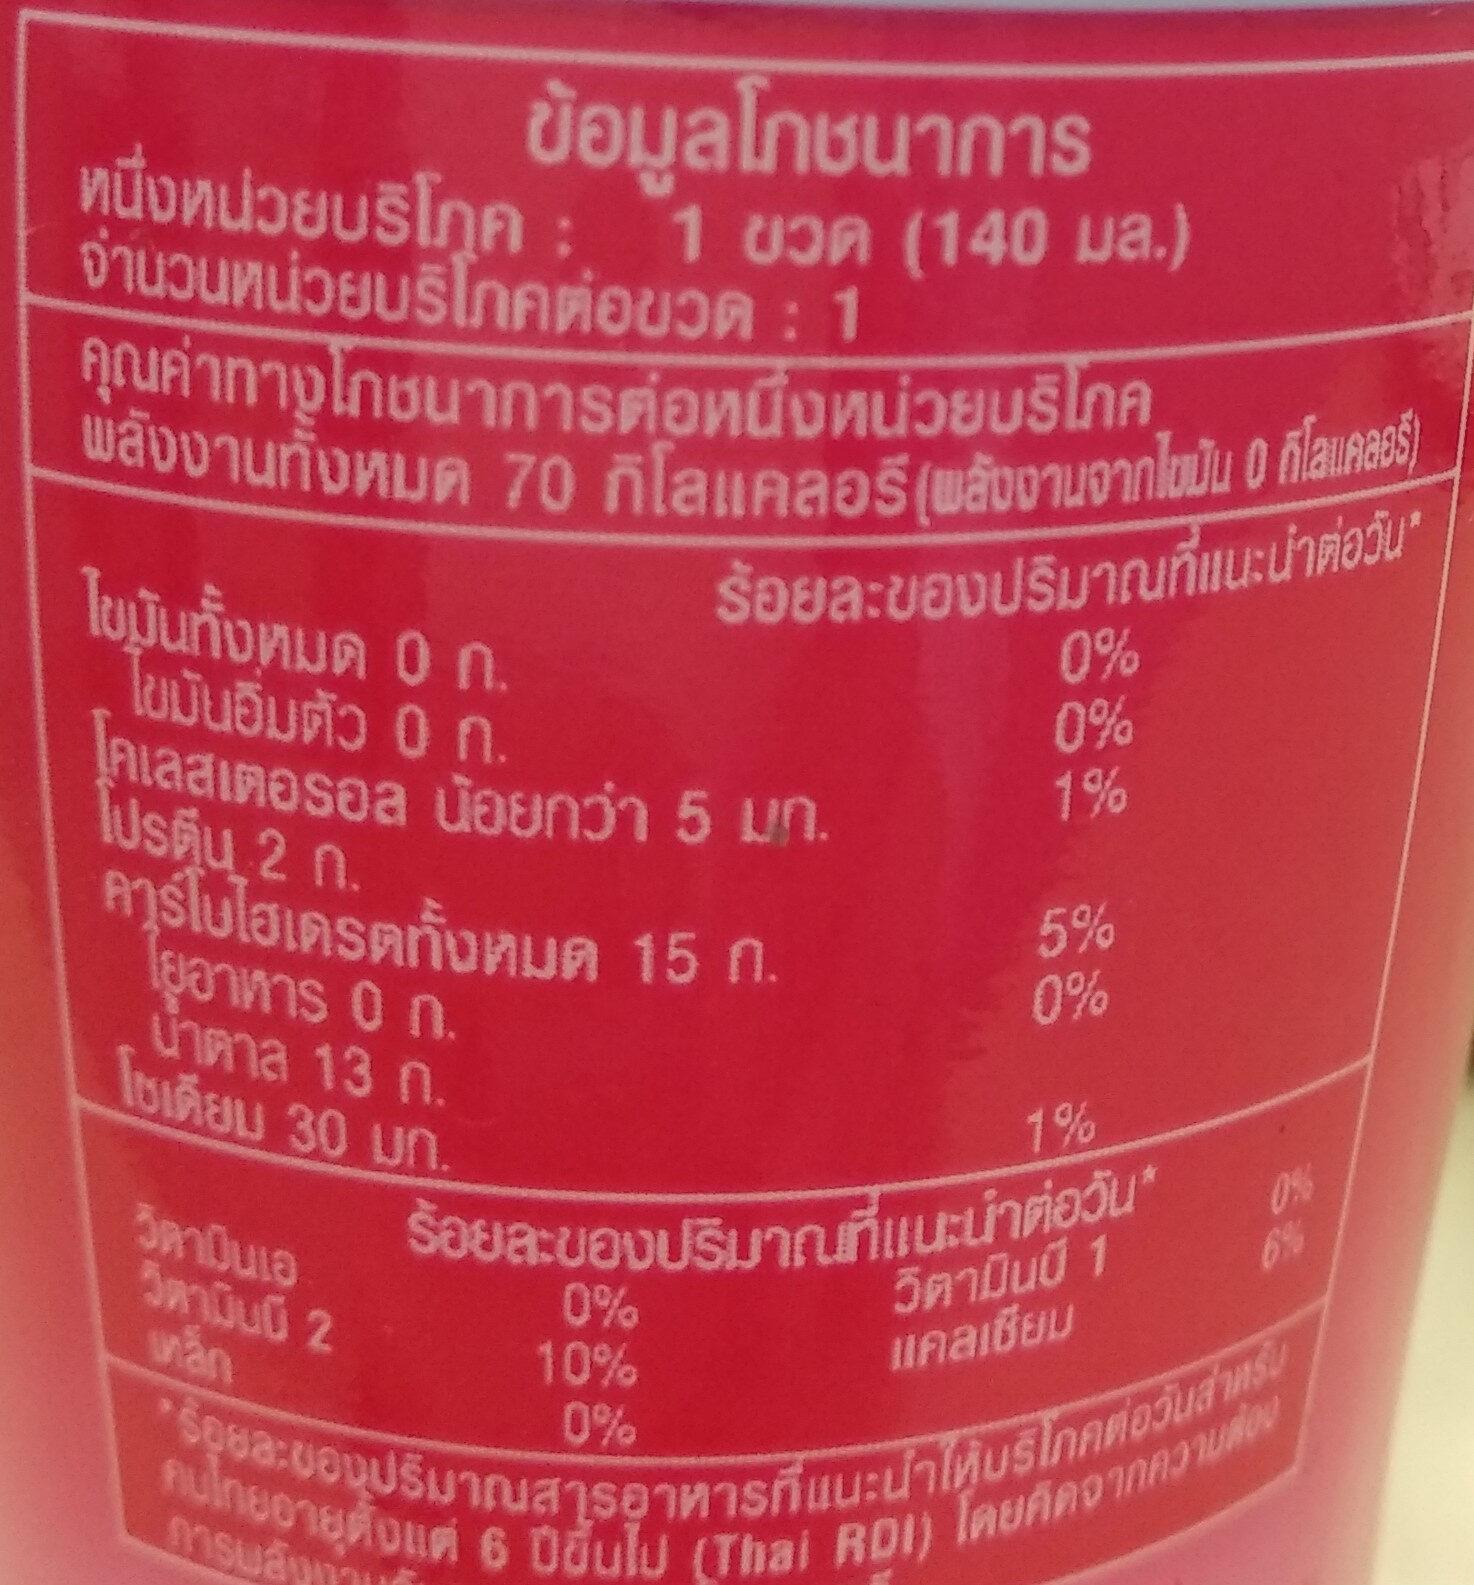 นมเปรี้ยว กลิ่นสตอเบอรี่ - Voedingswaarden - th